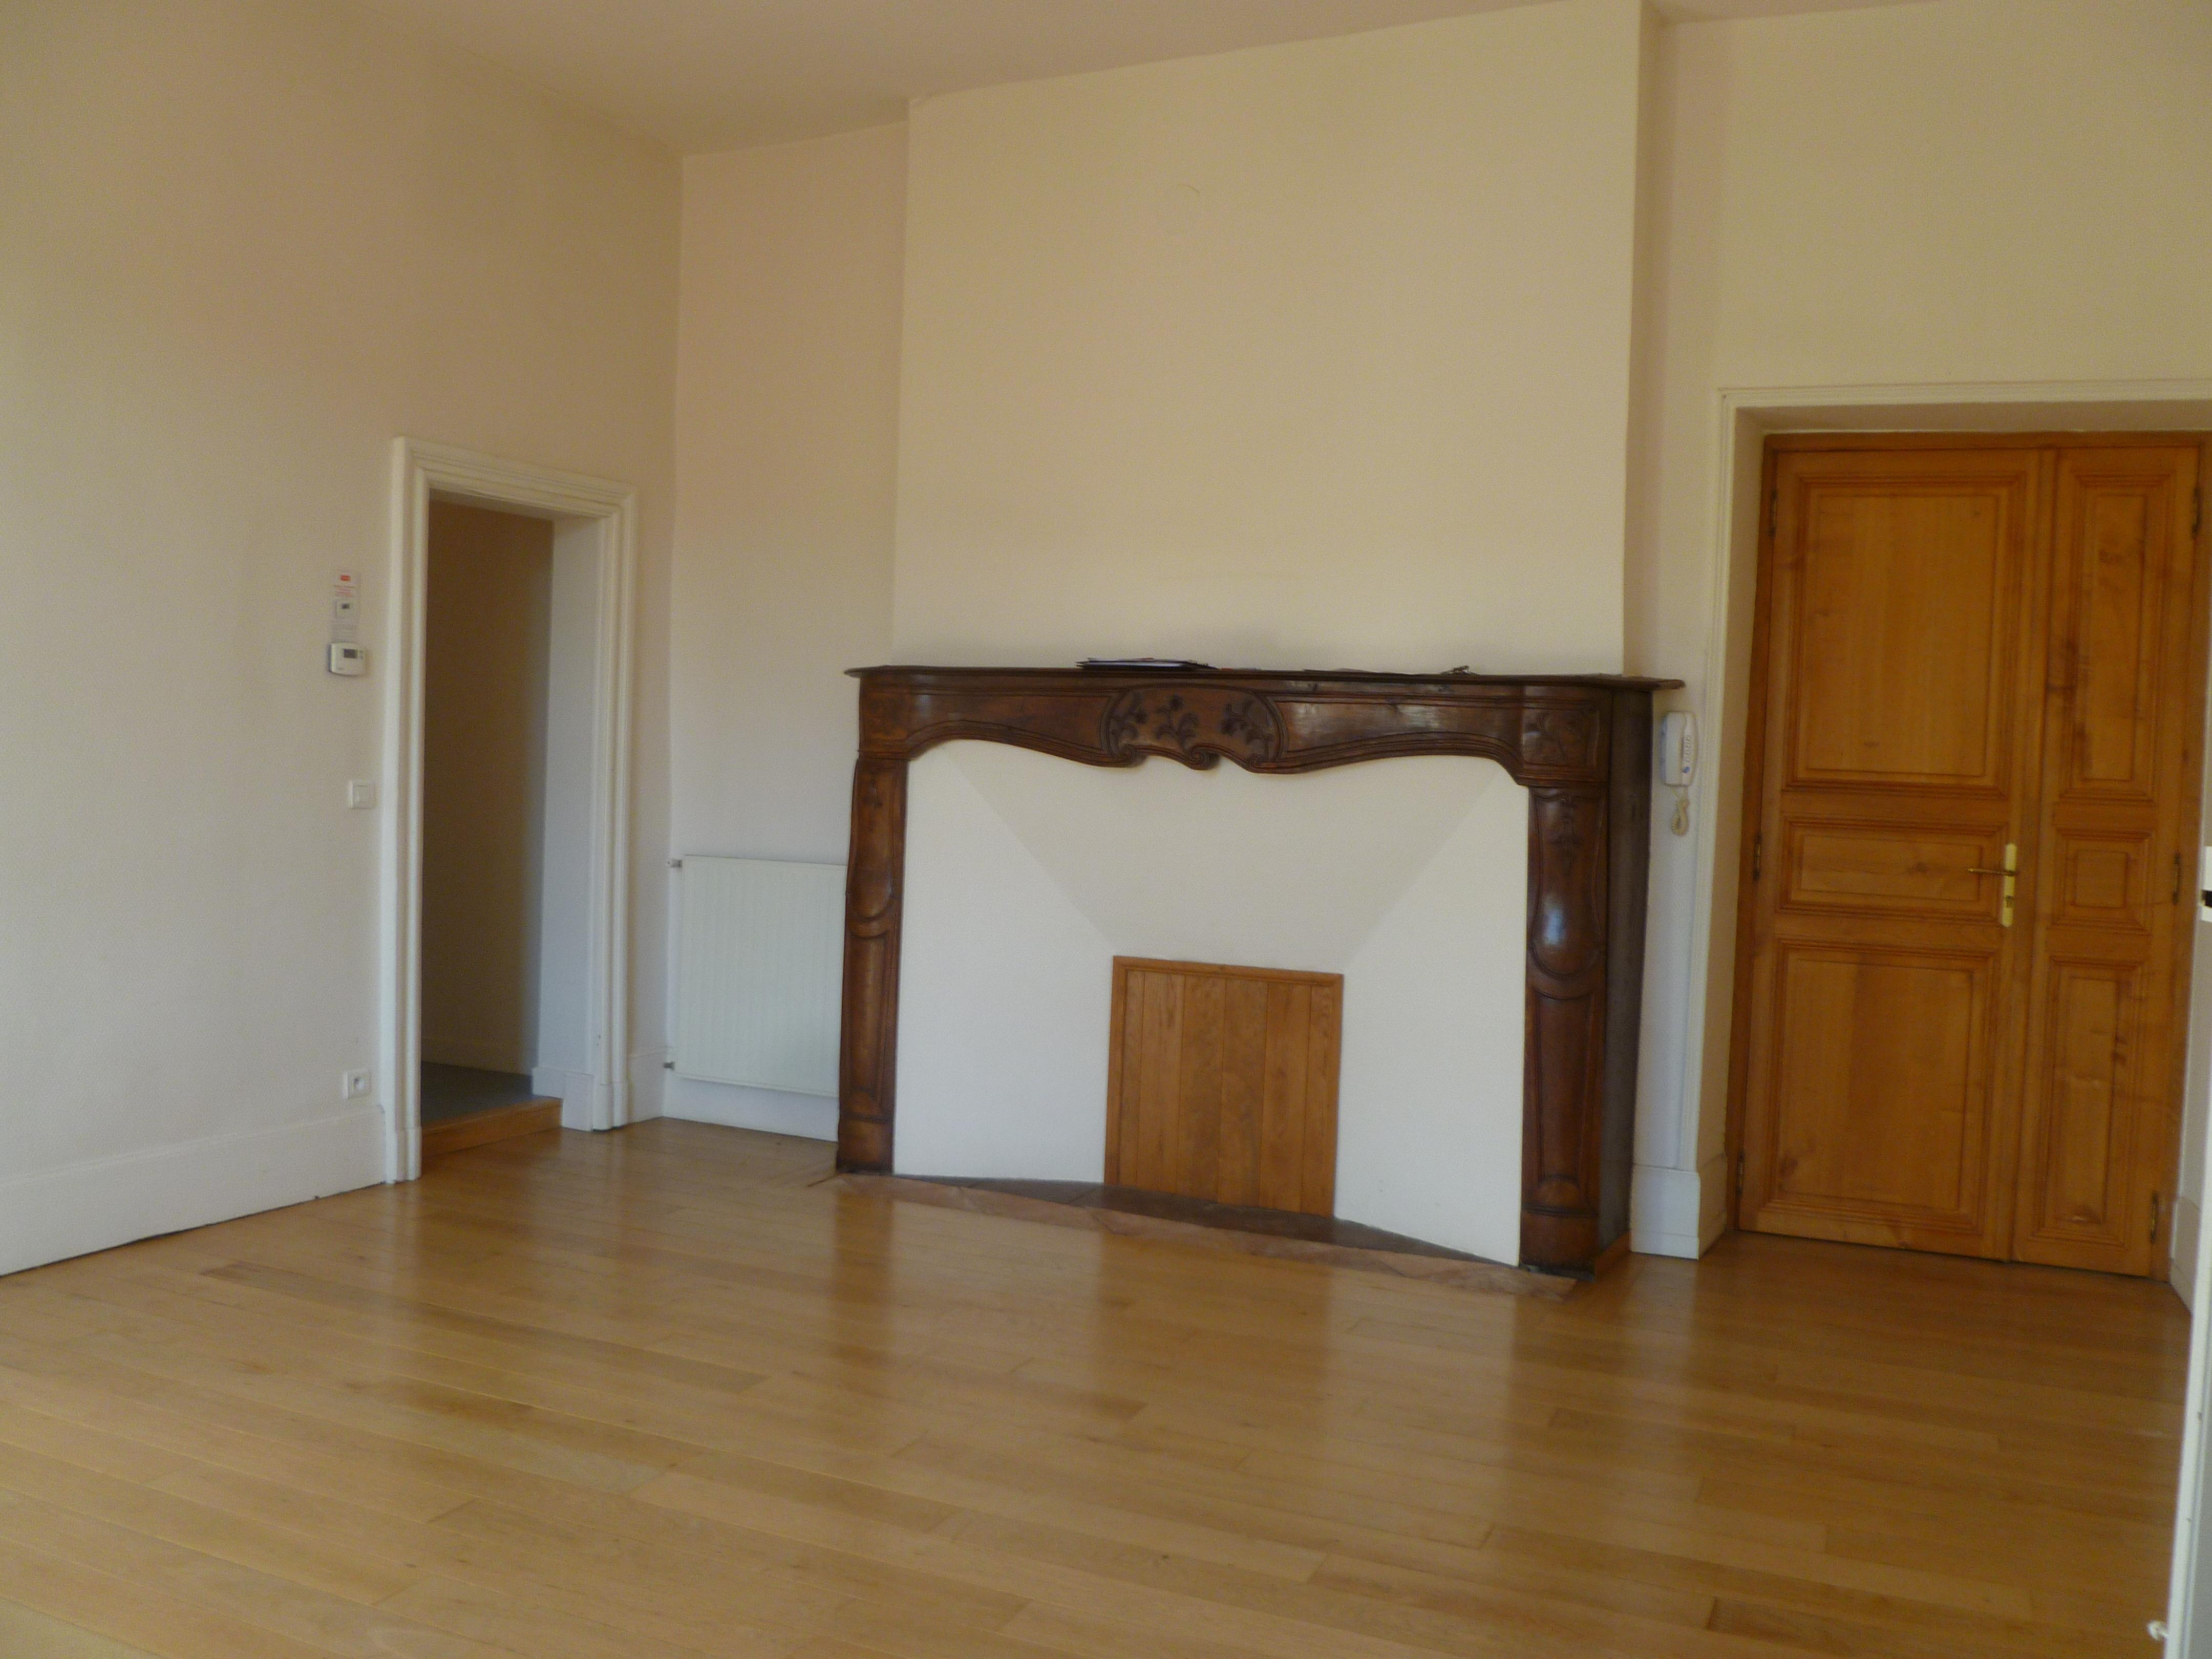 Appartement T3 à louer au coeur du centre historique de Figeac